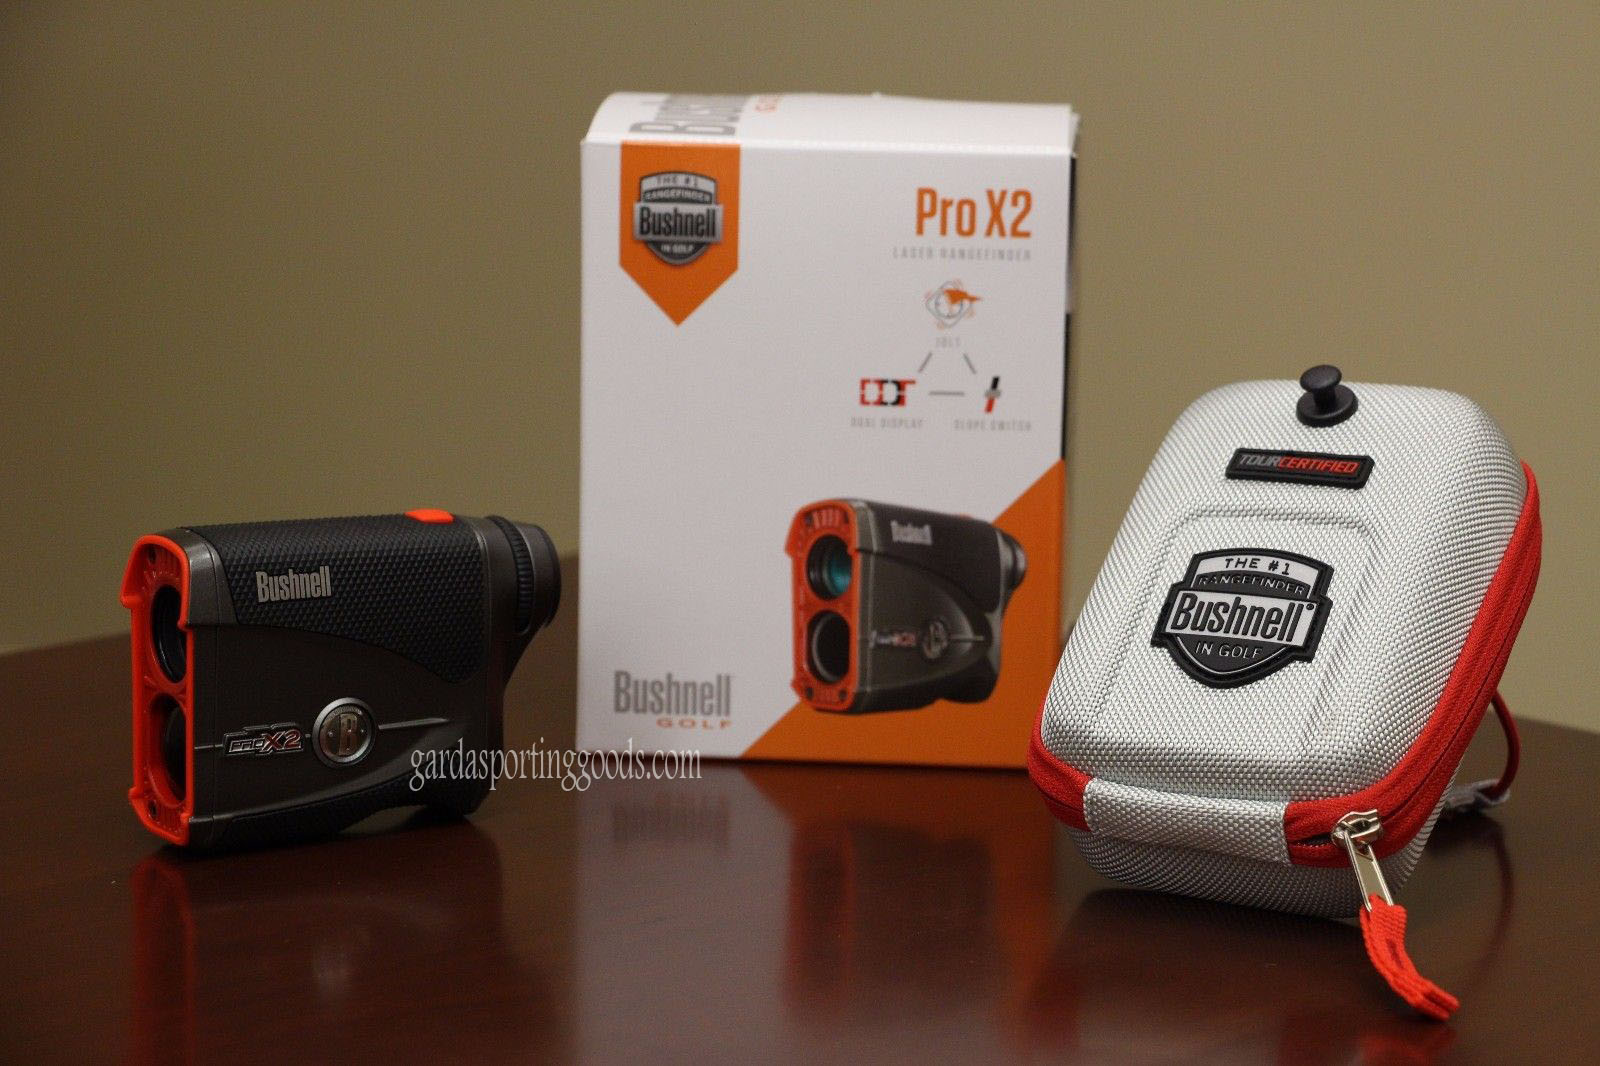 Bushnell Pro X2 Golf Laser Rangefinder